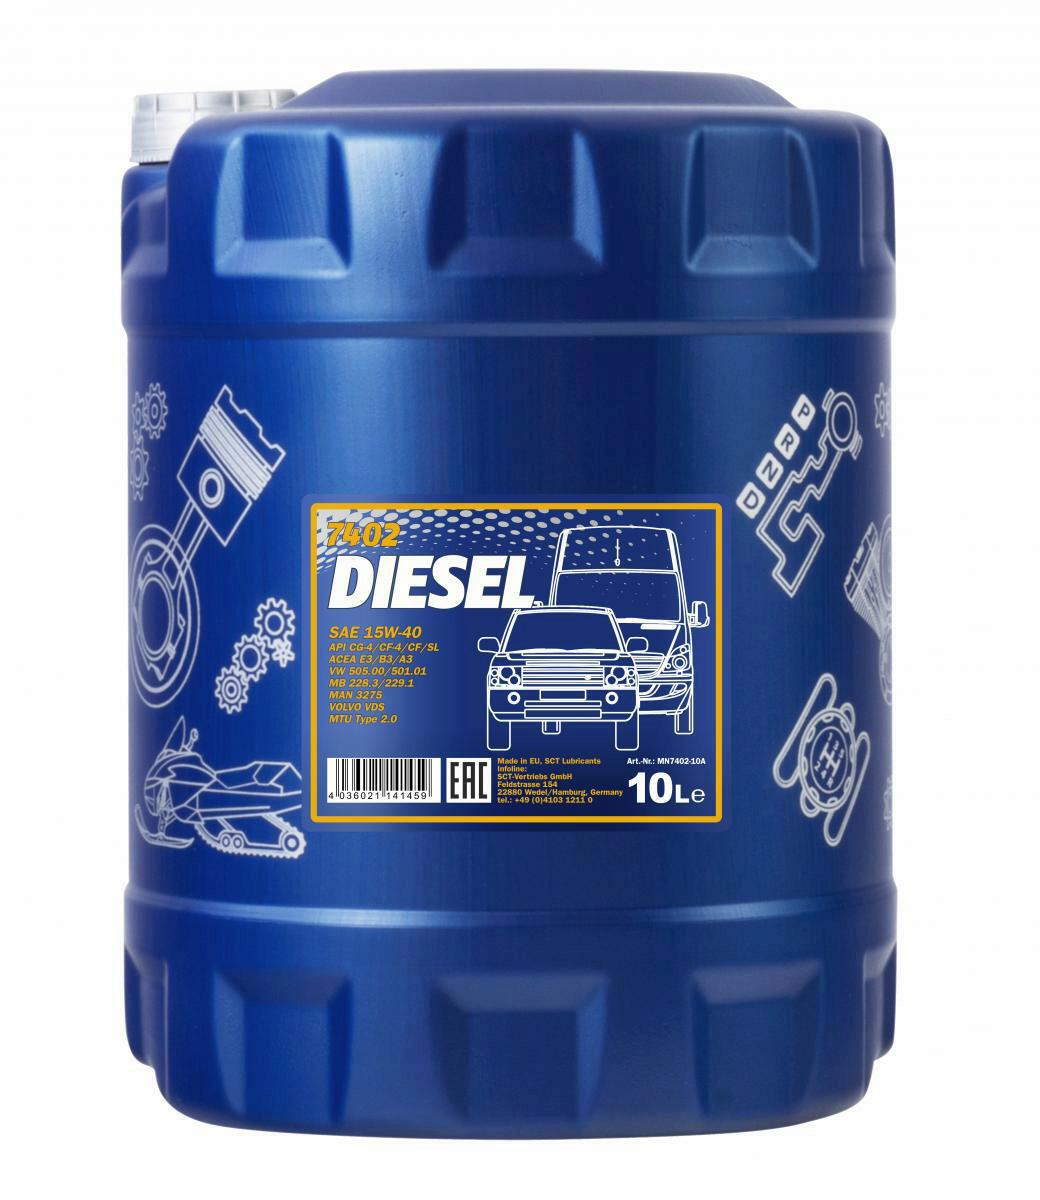 Mannol Diesel 15W-40 Motoröl 10L